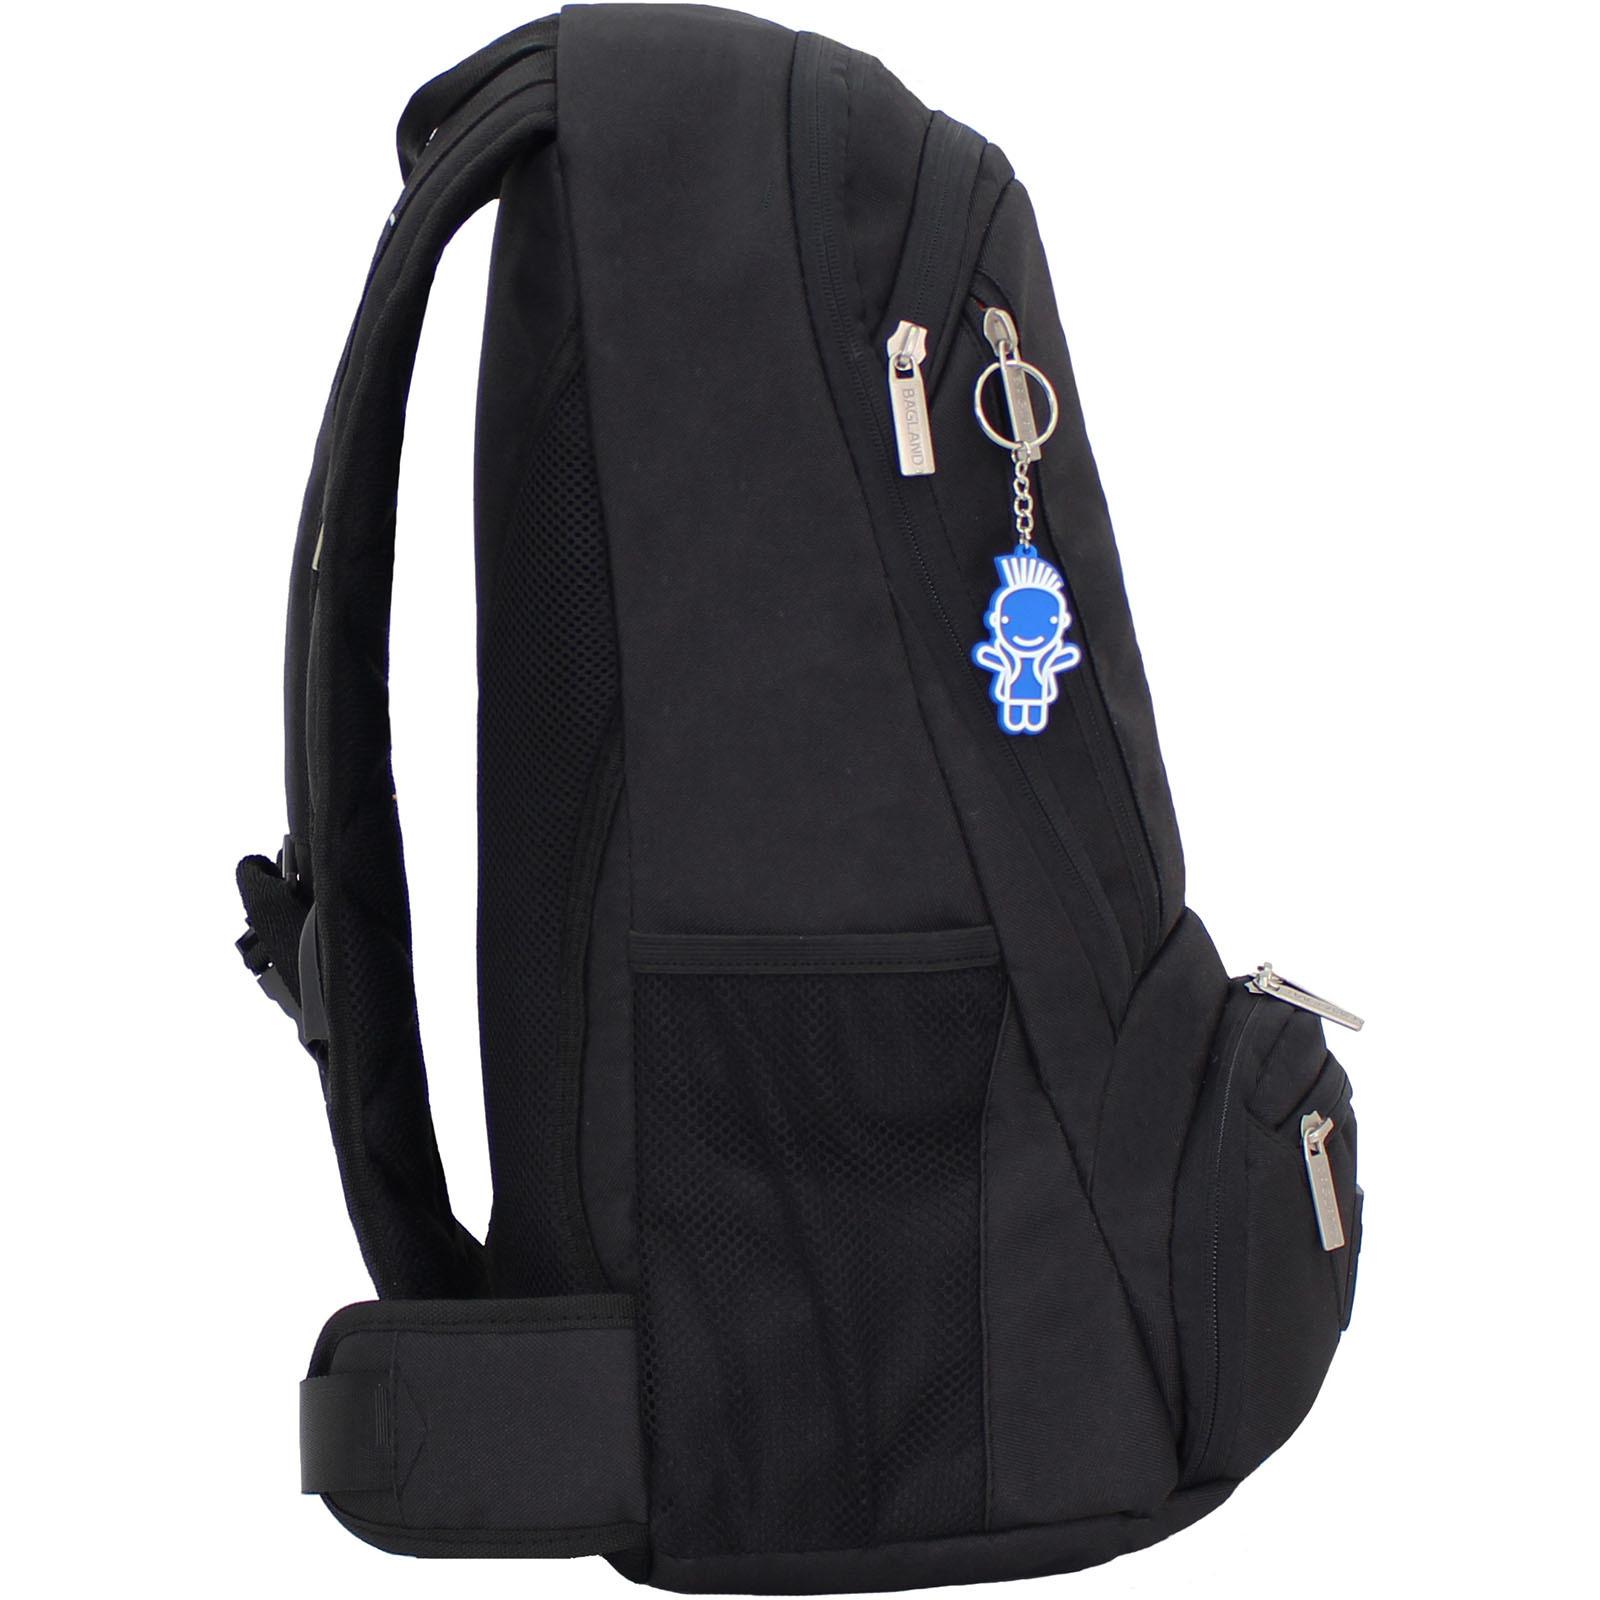 Рюкзак для ноутбука Bagland Granite 23 л. Чёрный (0012066) фото 2